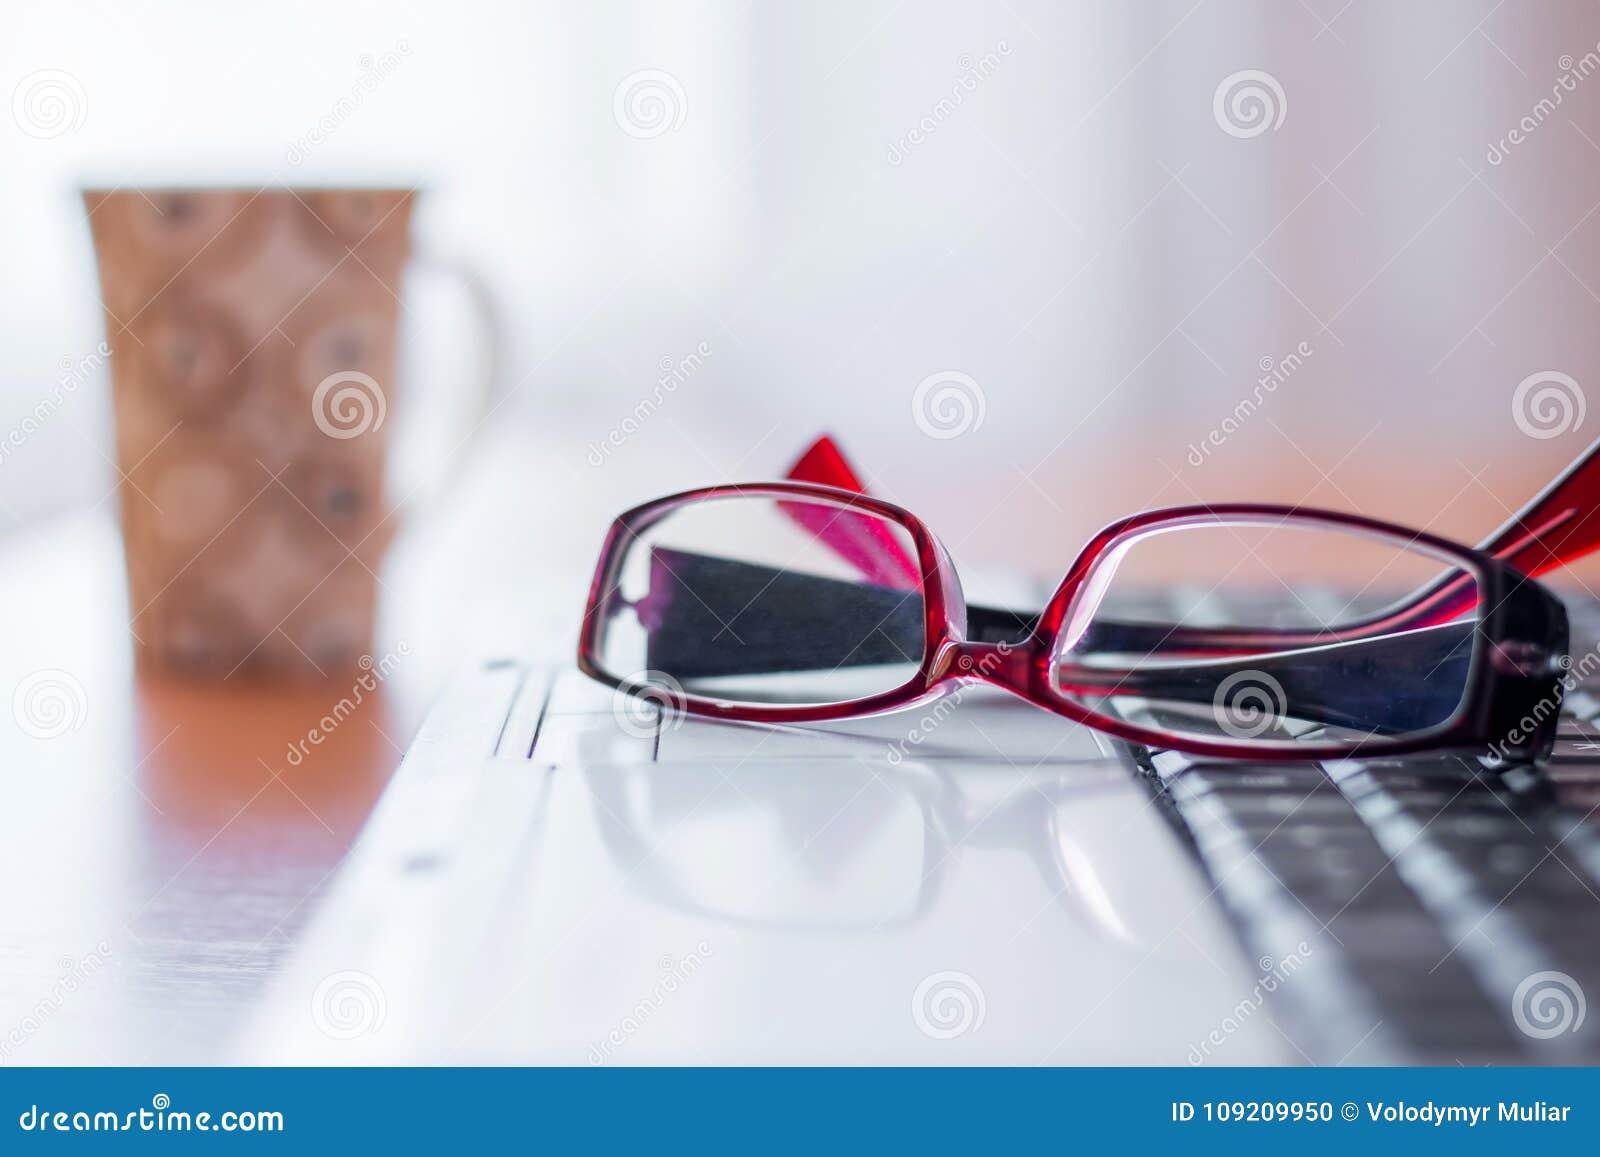 Στο lap-top γυαλιά, περαιτέρω στον πίνακα είναι ένα φλυτζάνι,